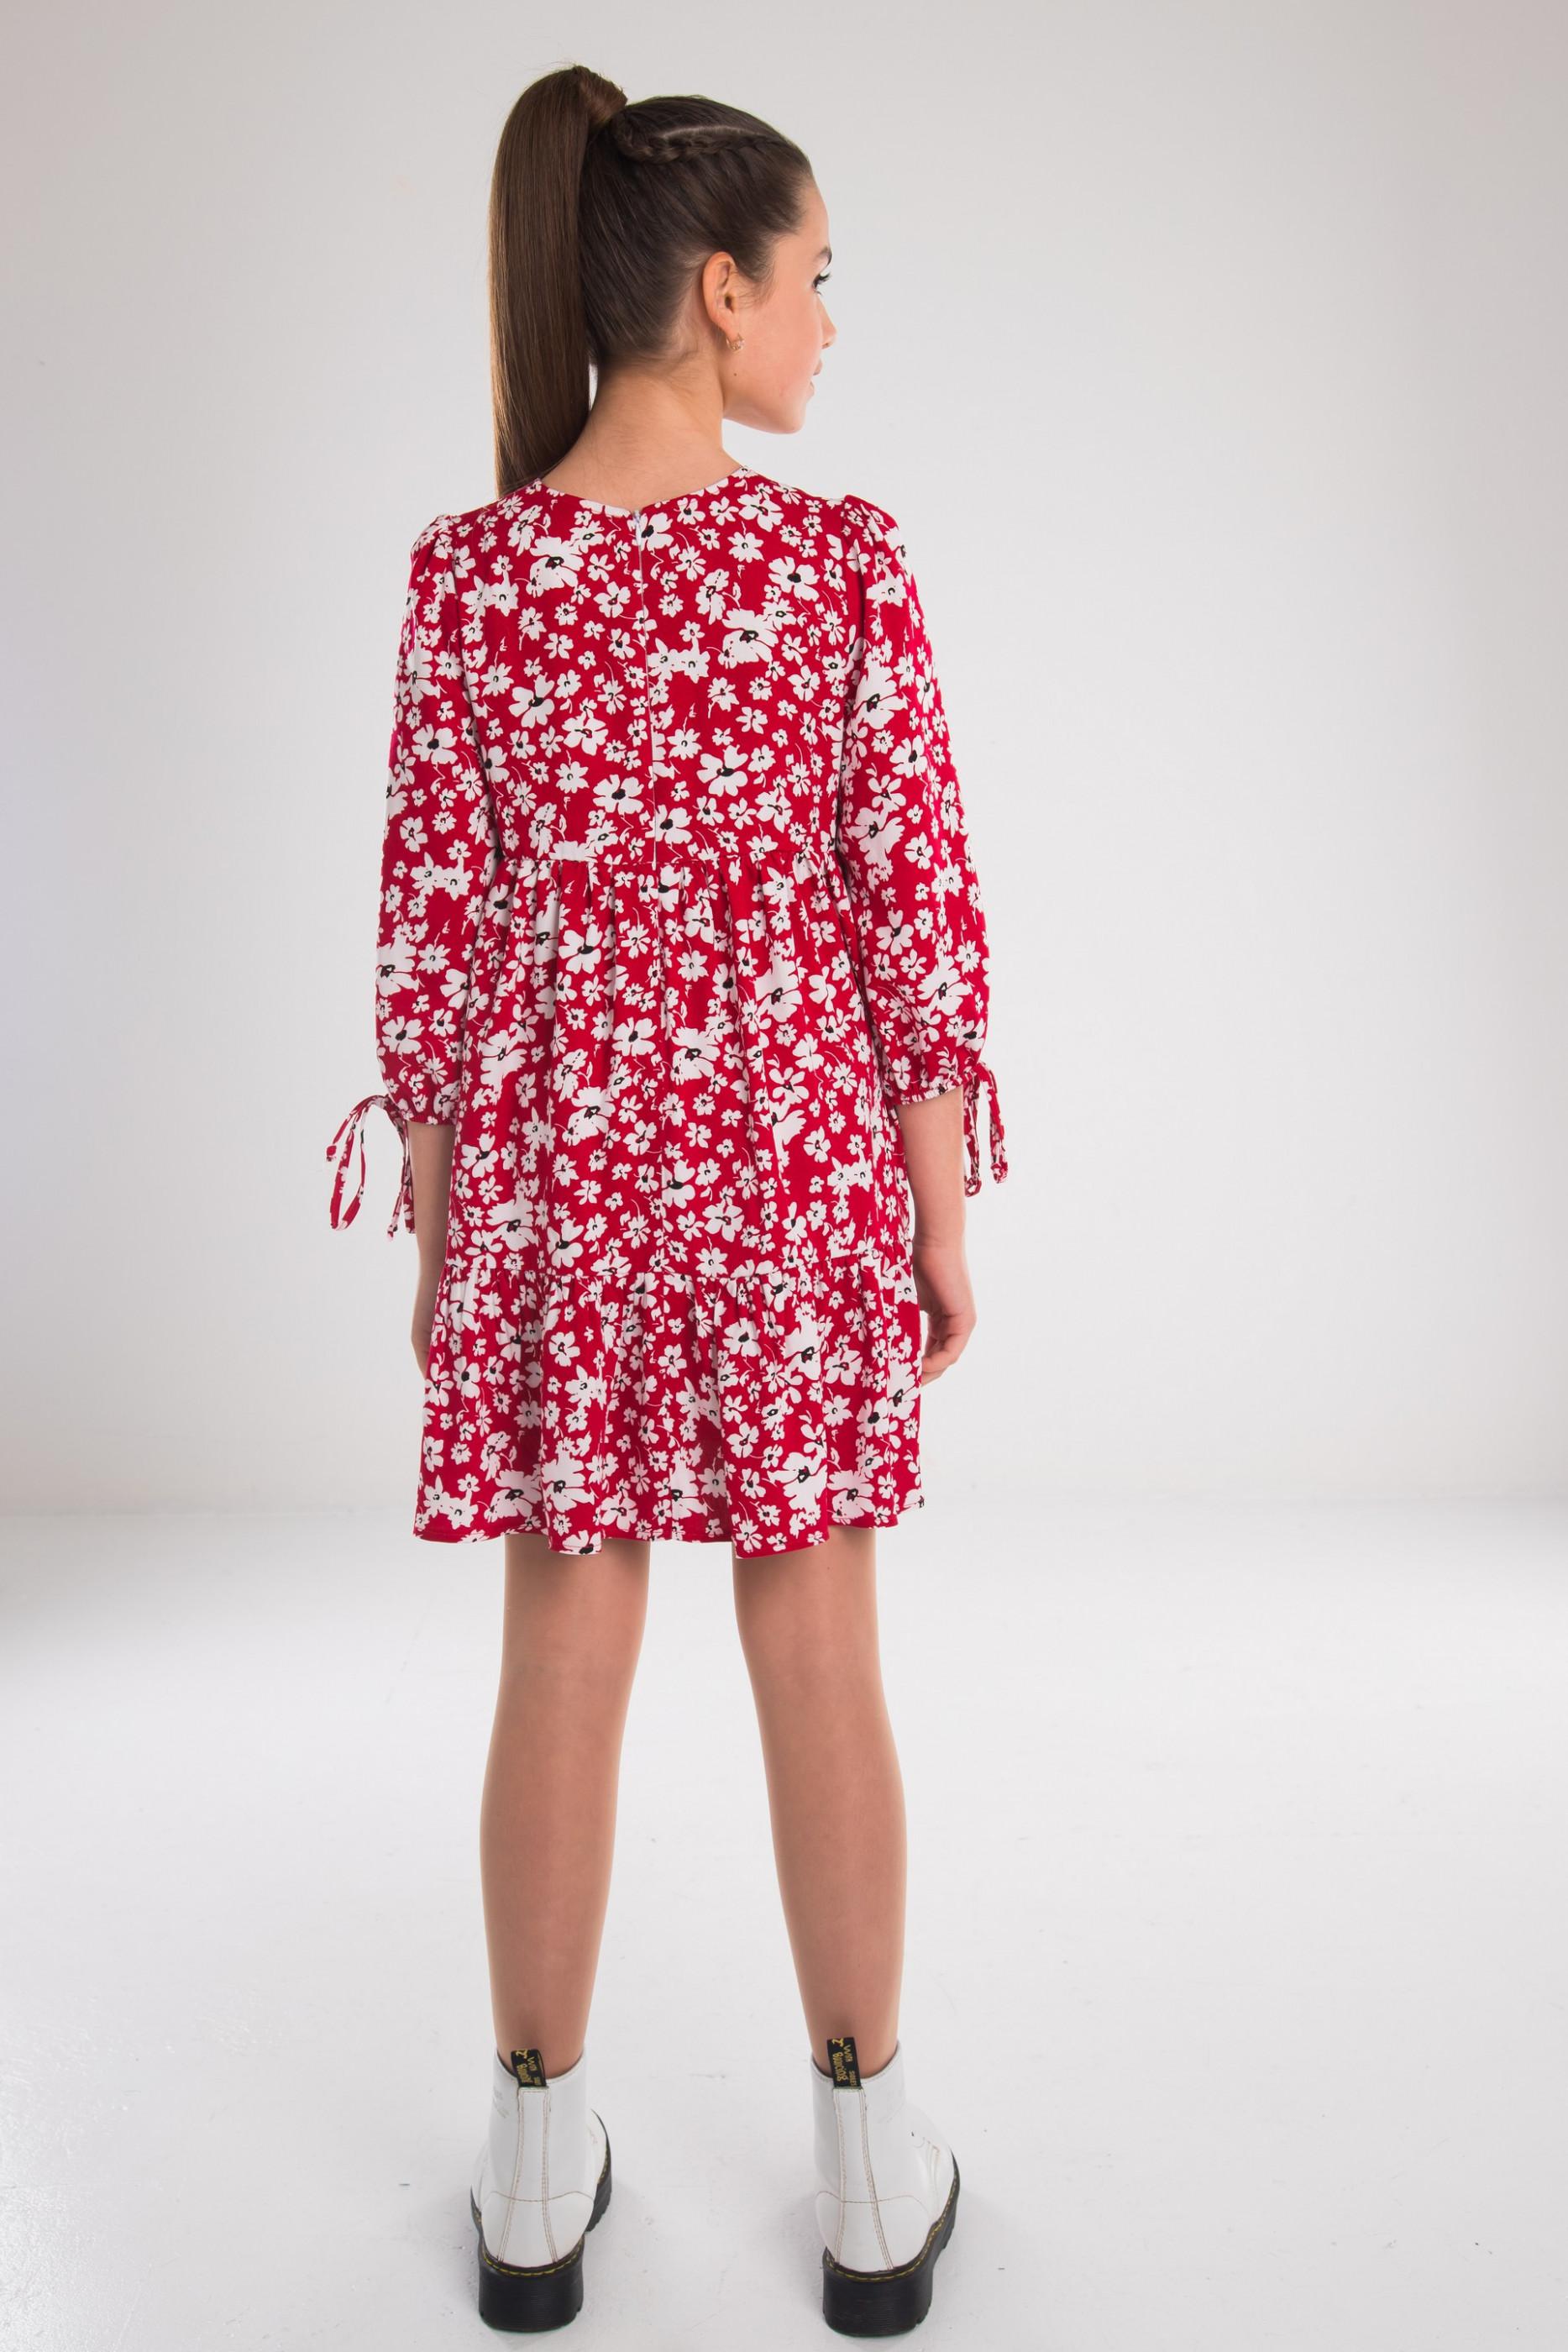 Плаття Моллі, фото №4